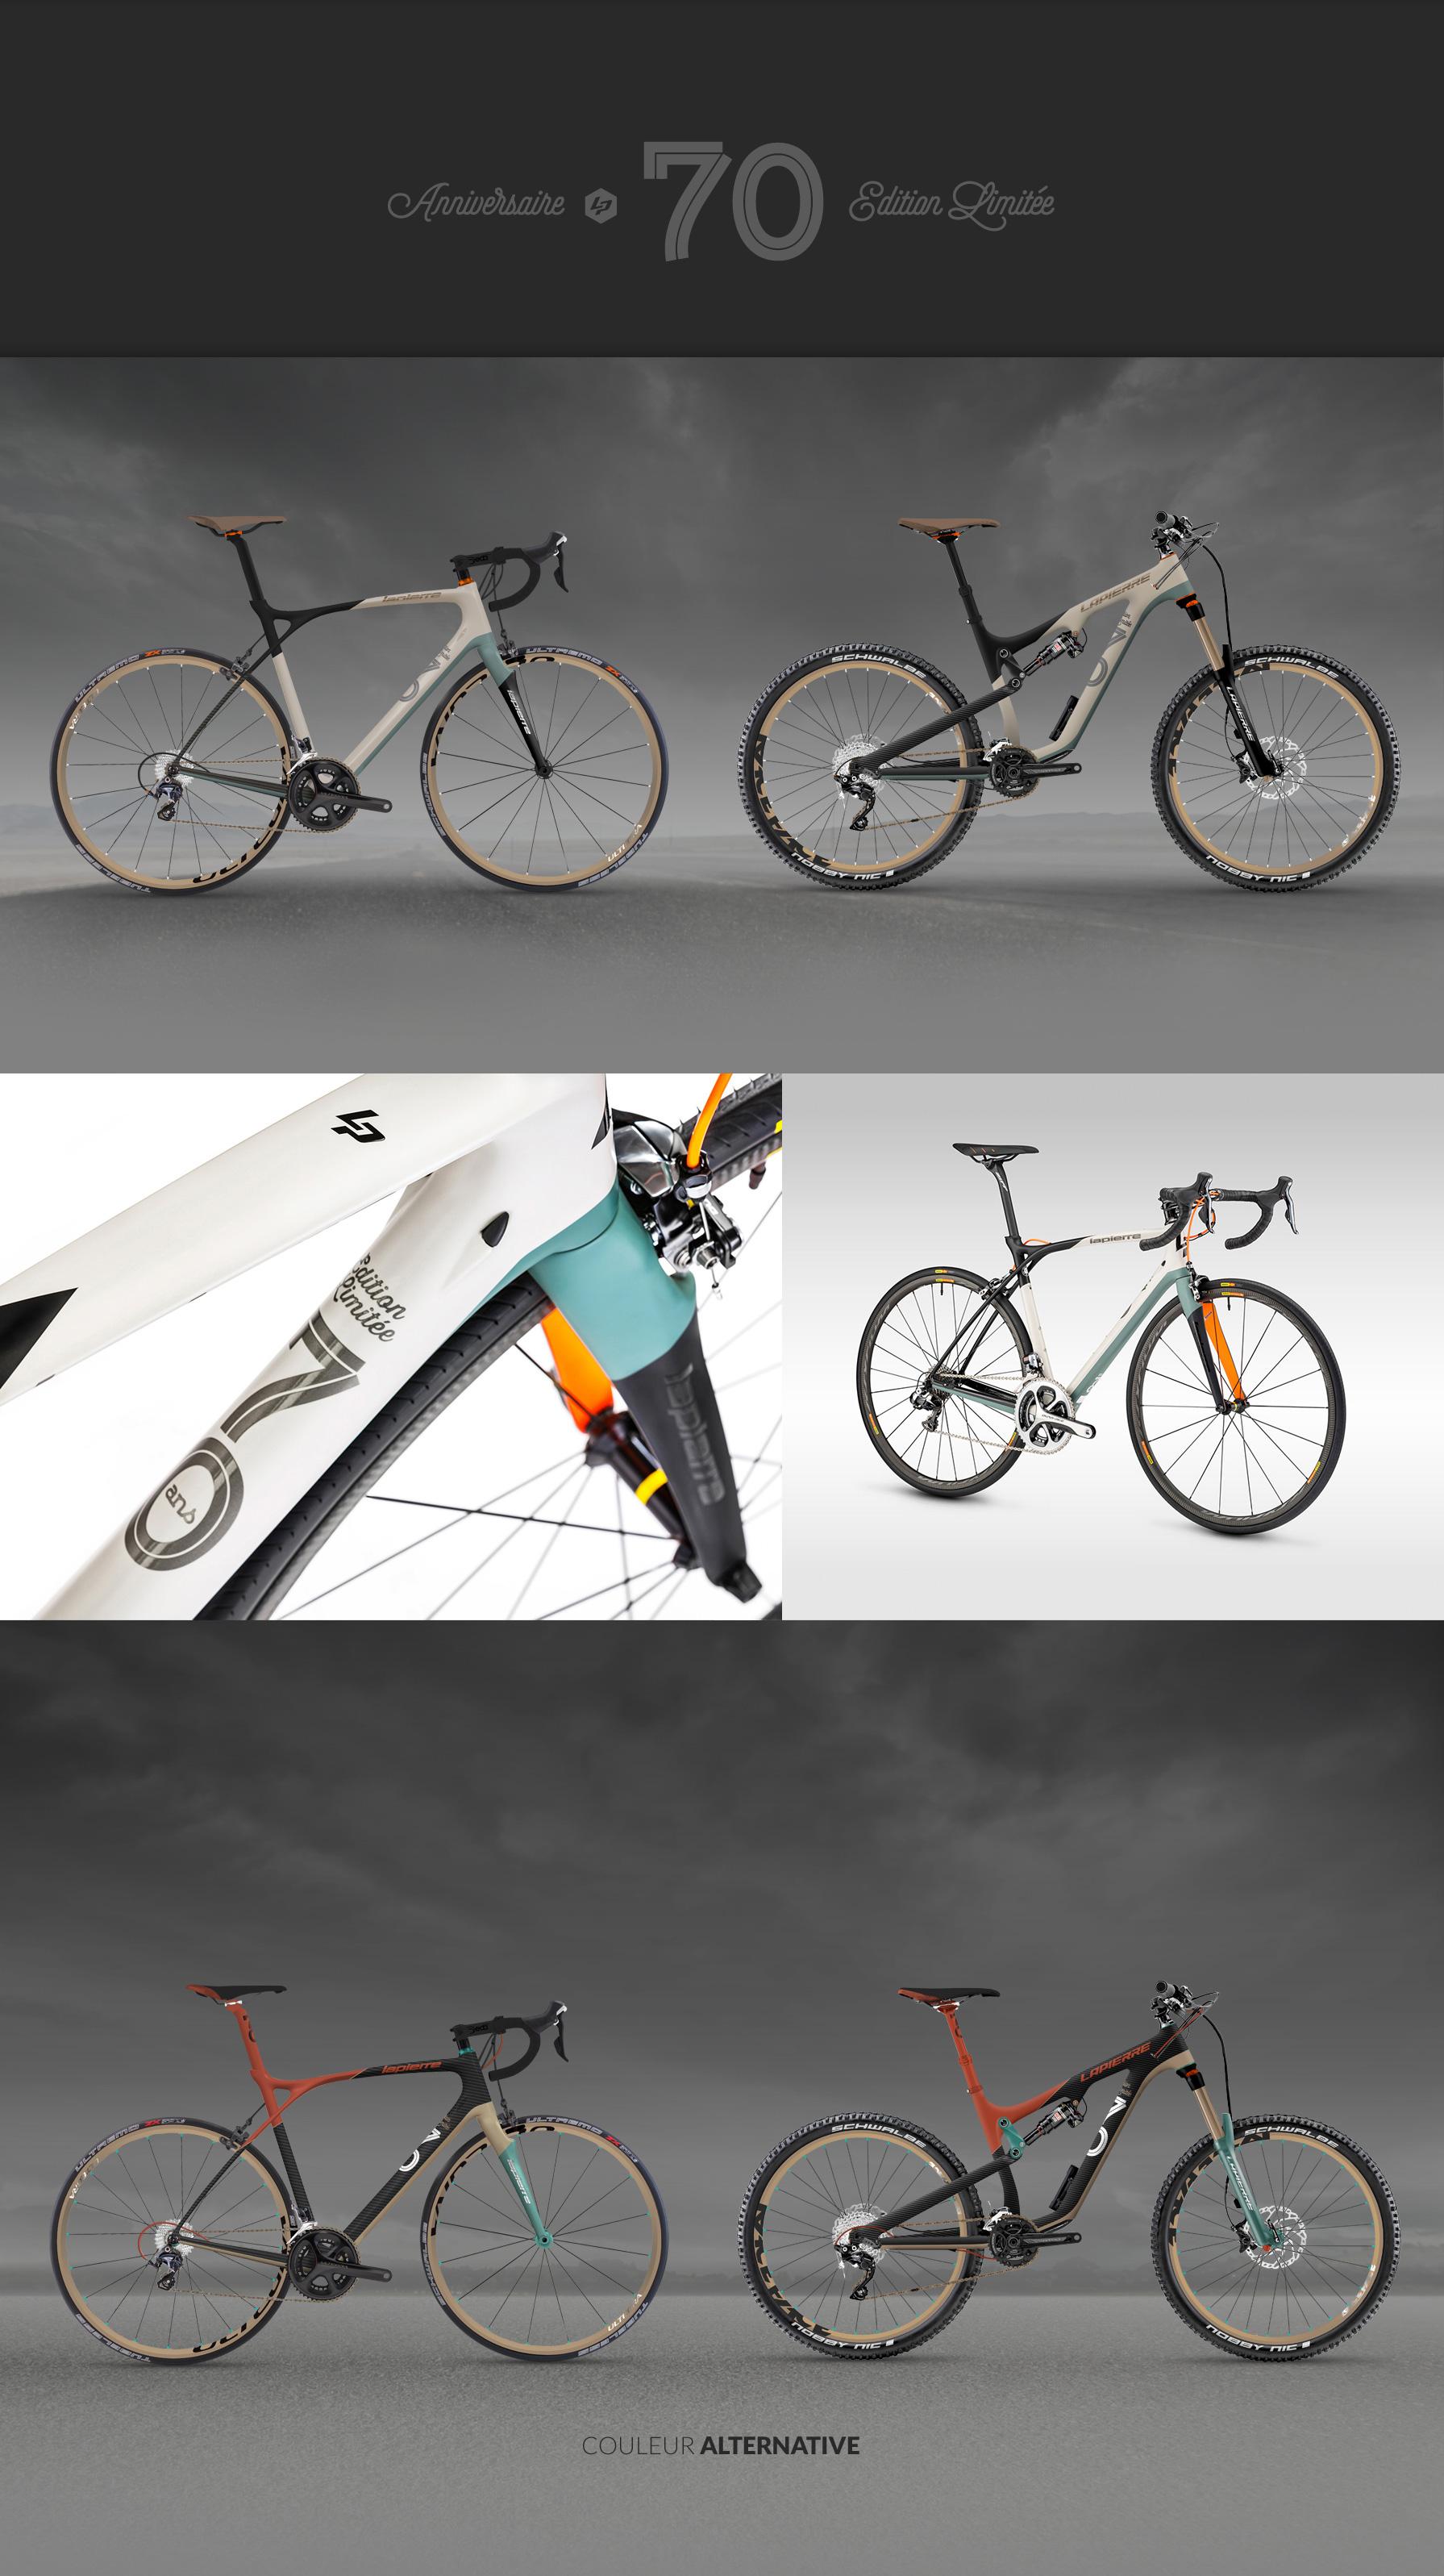 cycles lapierre 70ans habillage graphique xelius zesty